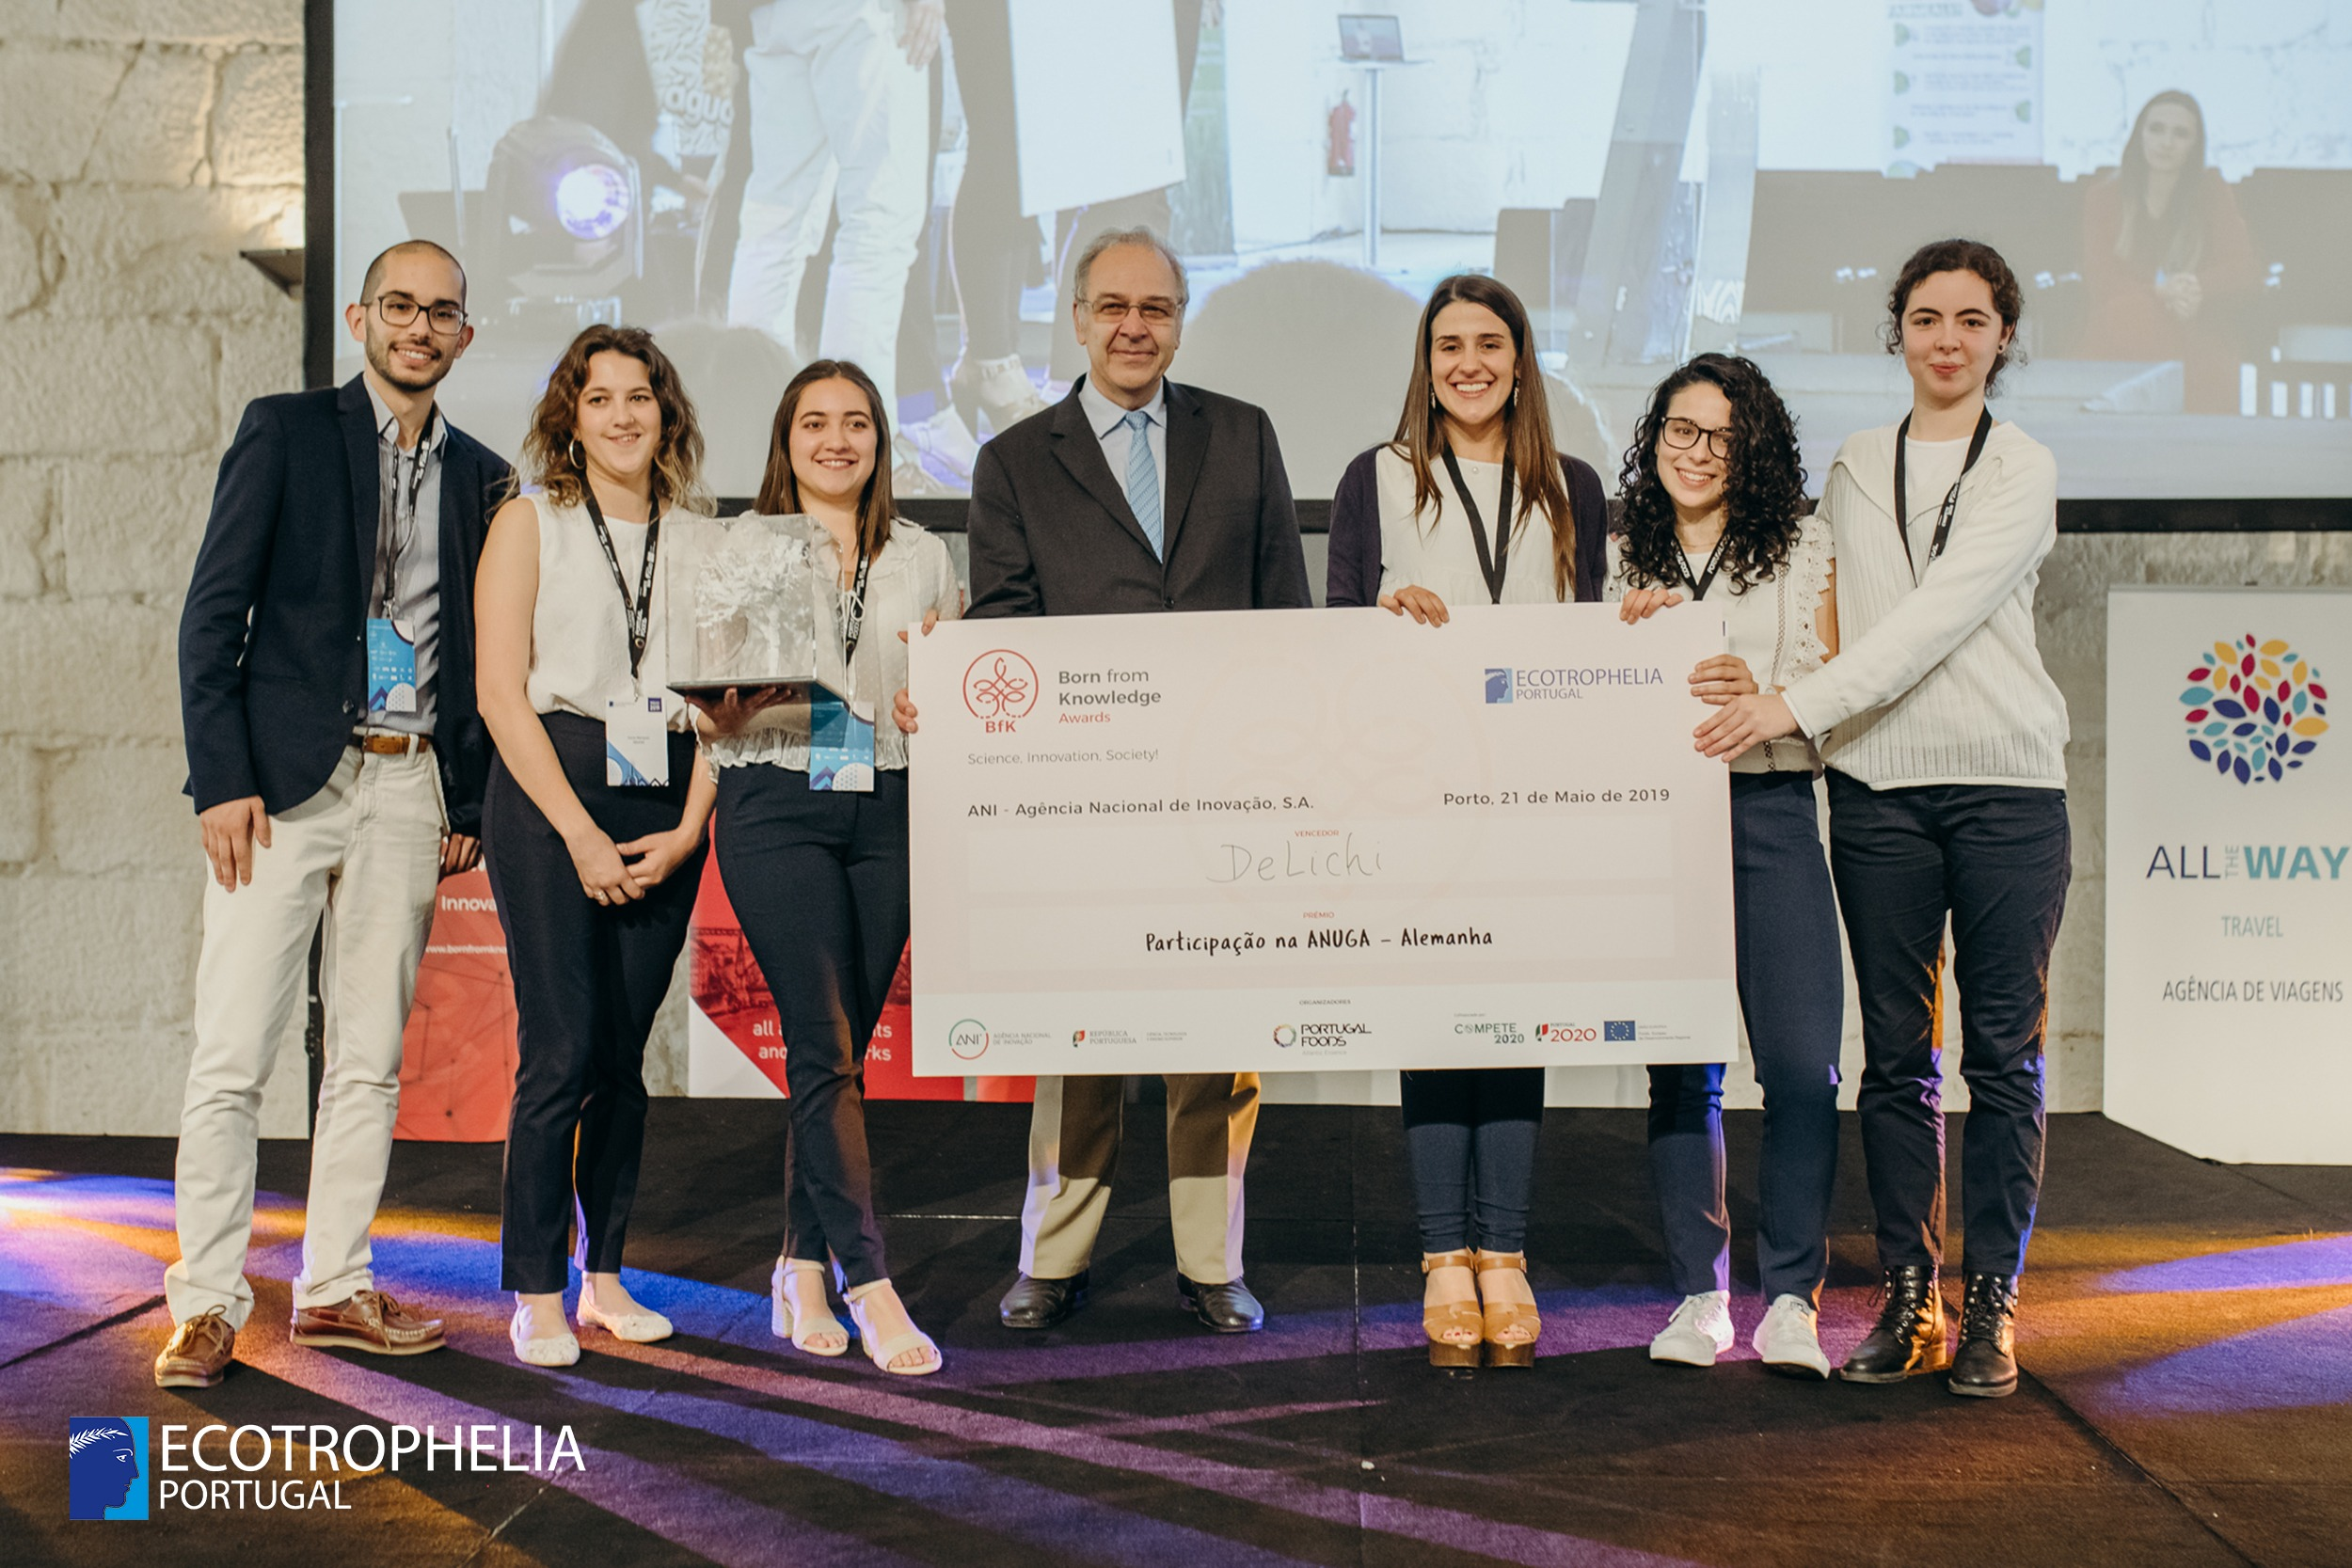 Ecotrophelia Portugal, Media, Notícias, Programa Born from Knowledge renova parceria com Prémio ECOTROPHELIA Portugal